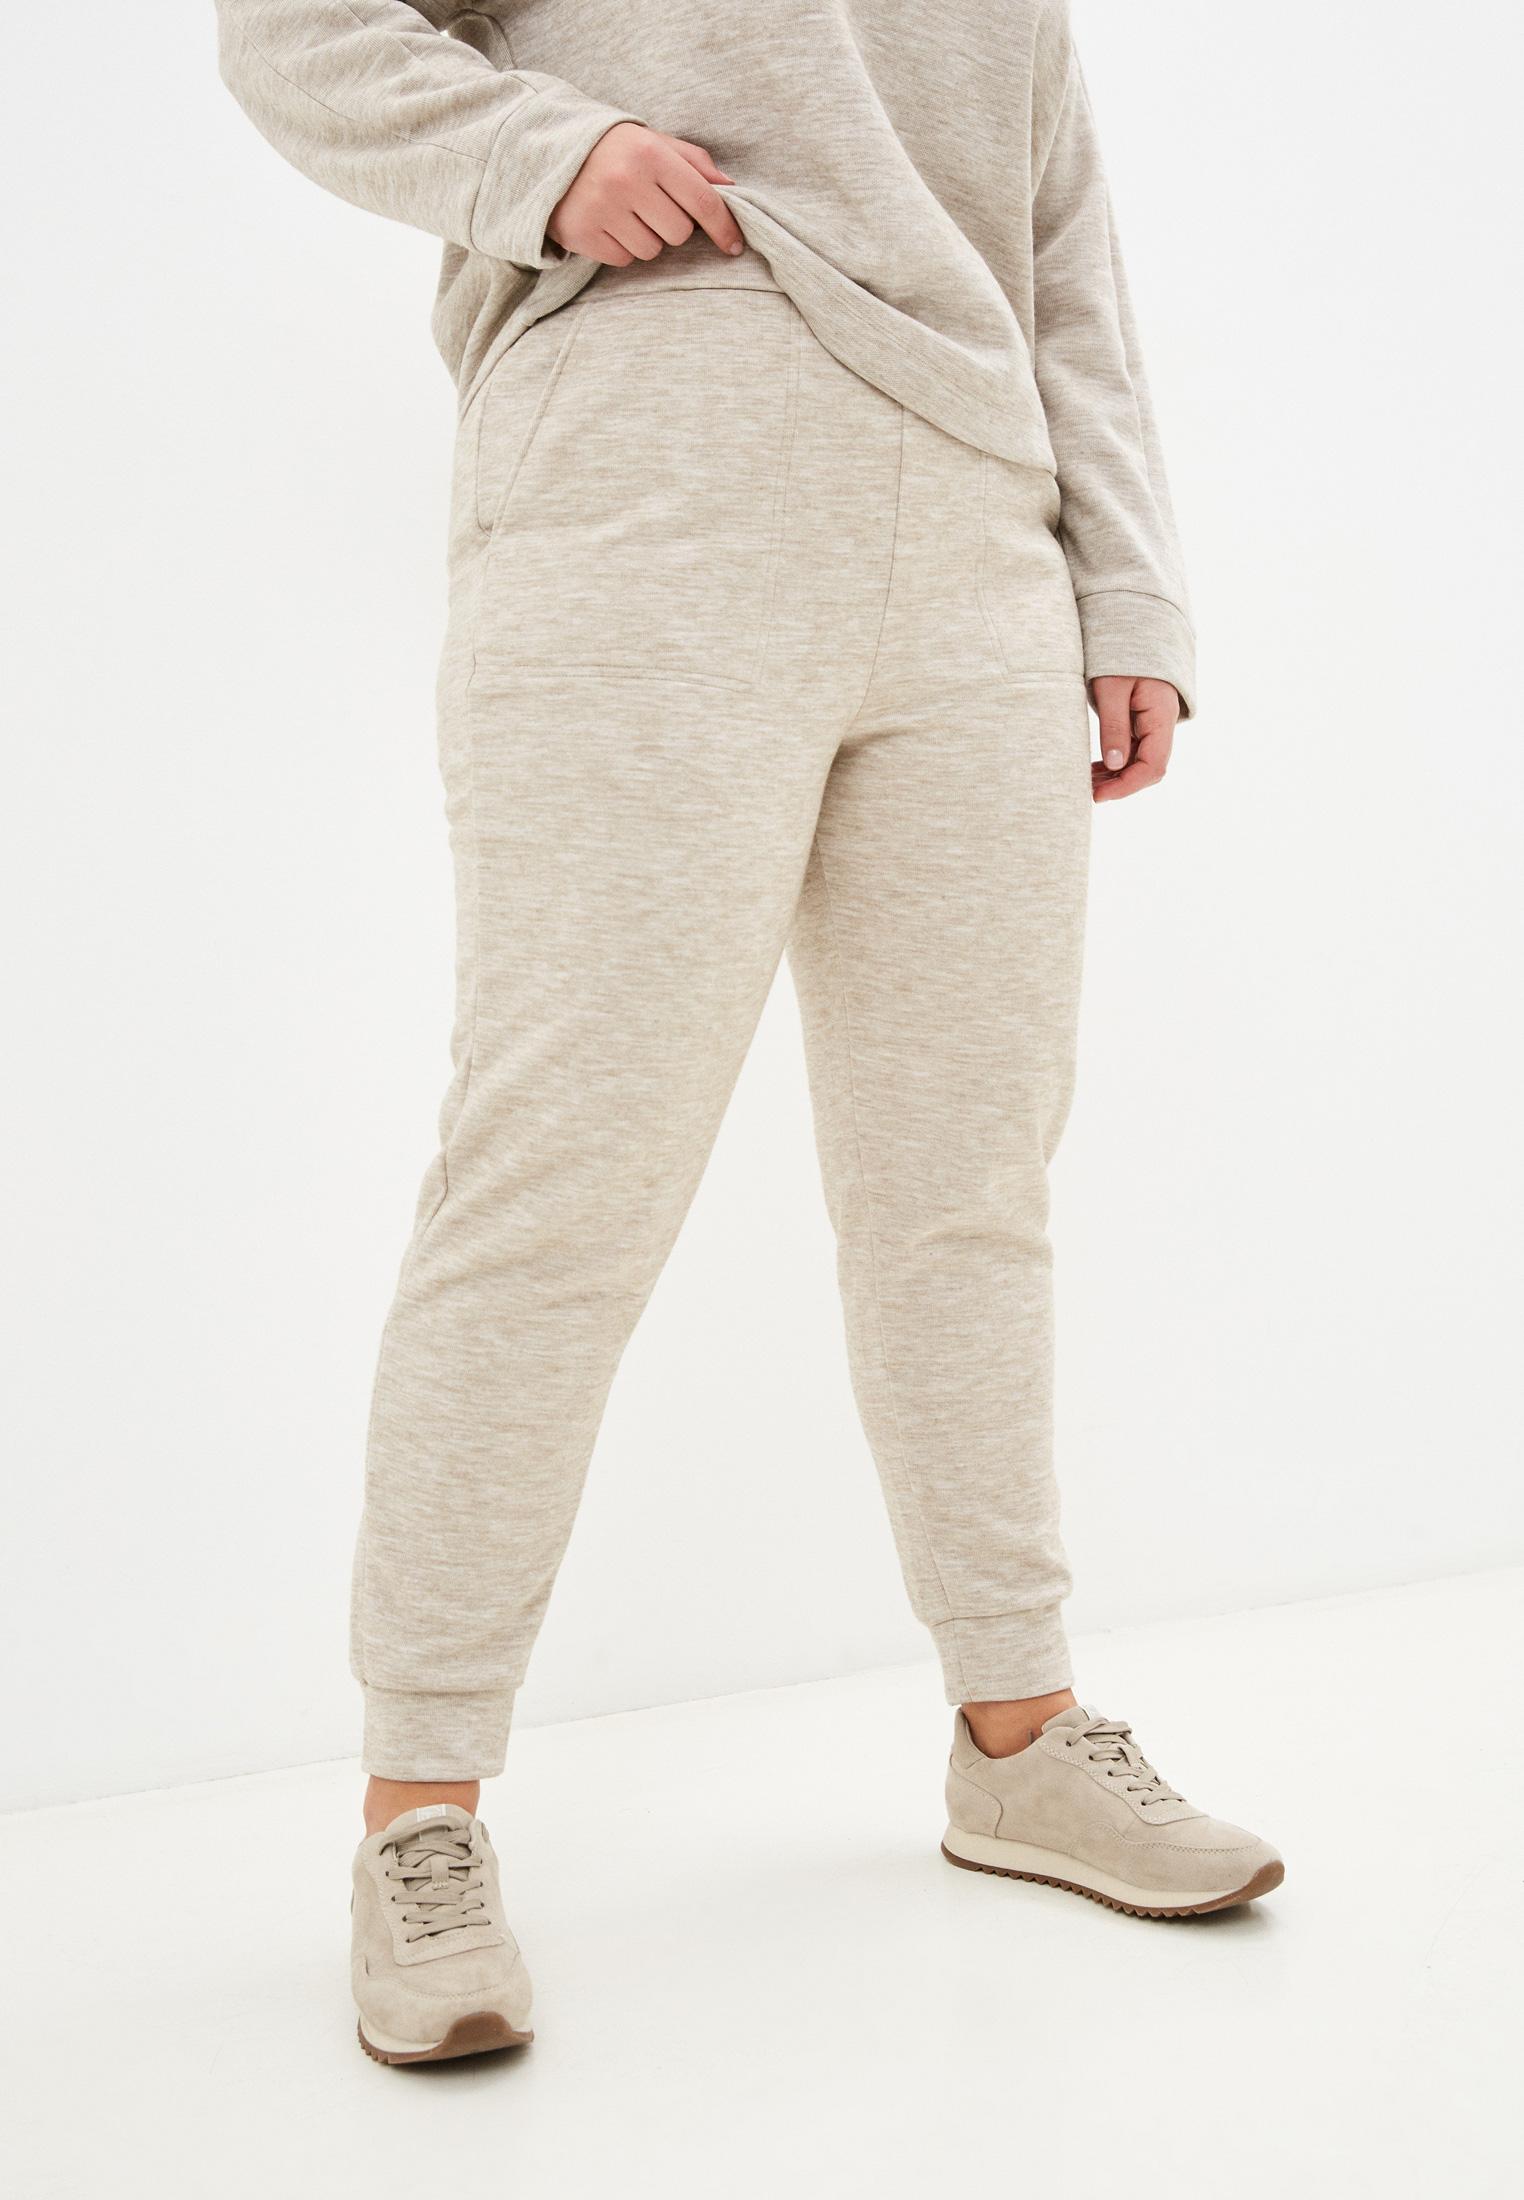 Женские спортивные брюки Mango (Манго) Брюки спортивные Mango